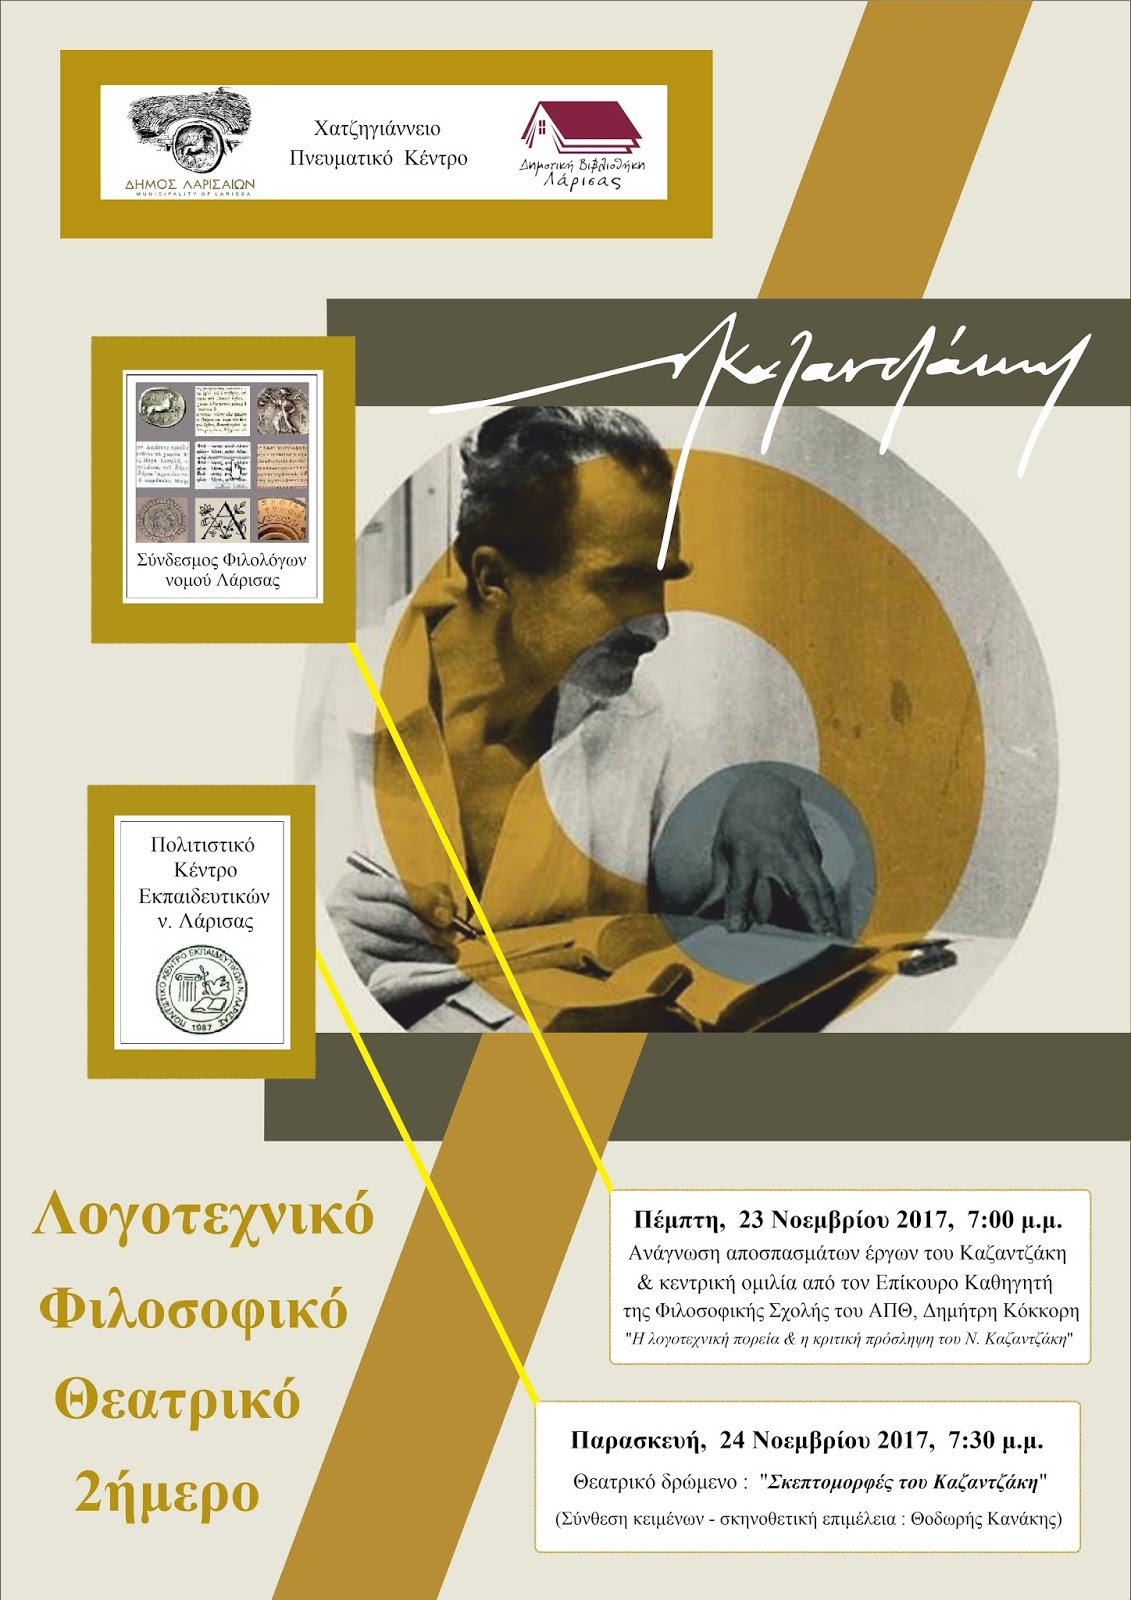 Λογοτεχνικό, φιλοσοφικό & θεατρικό 2ήμερο για το Νίκο Καζαντζάκη,  στο «Χατζηγιάννειο»